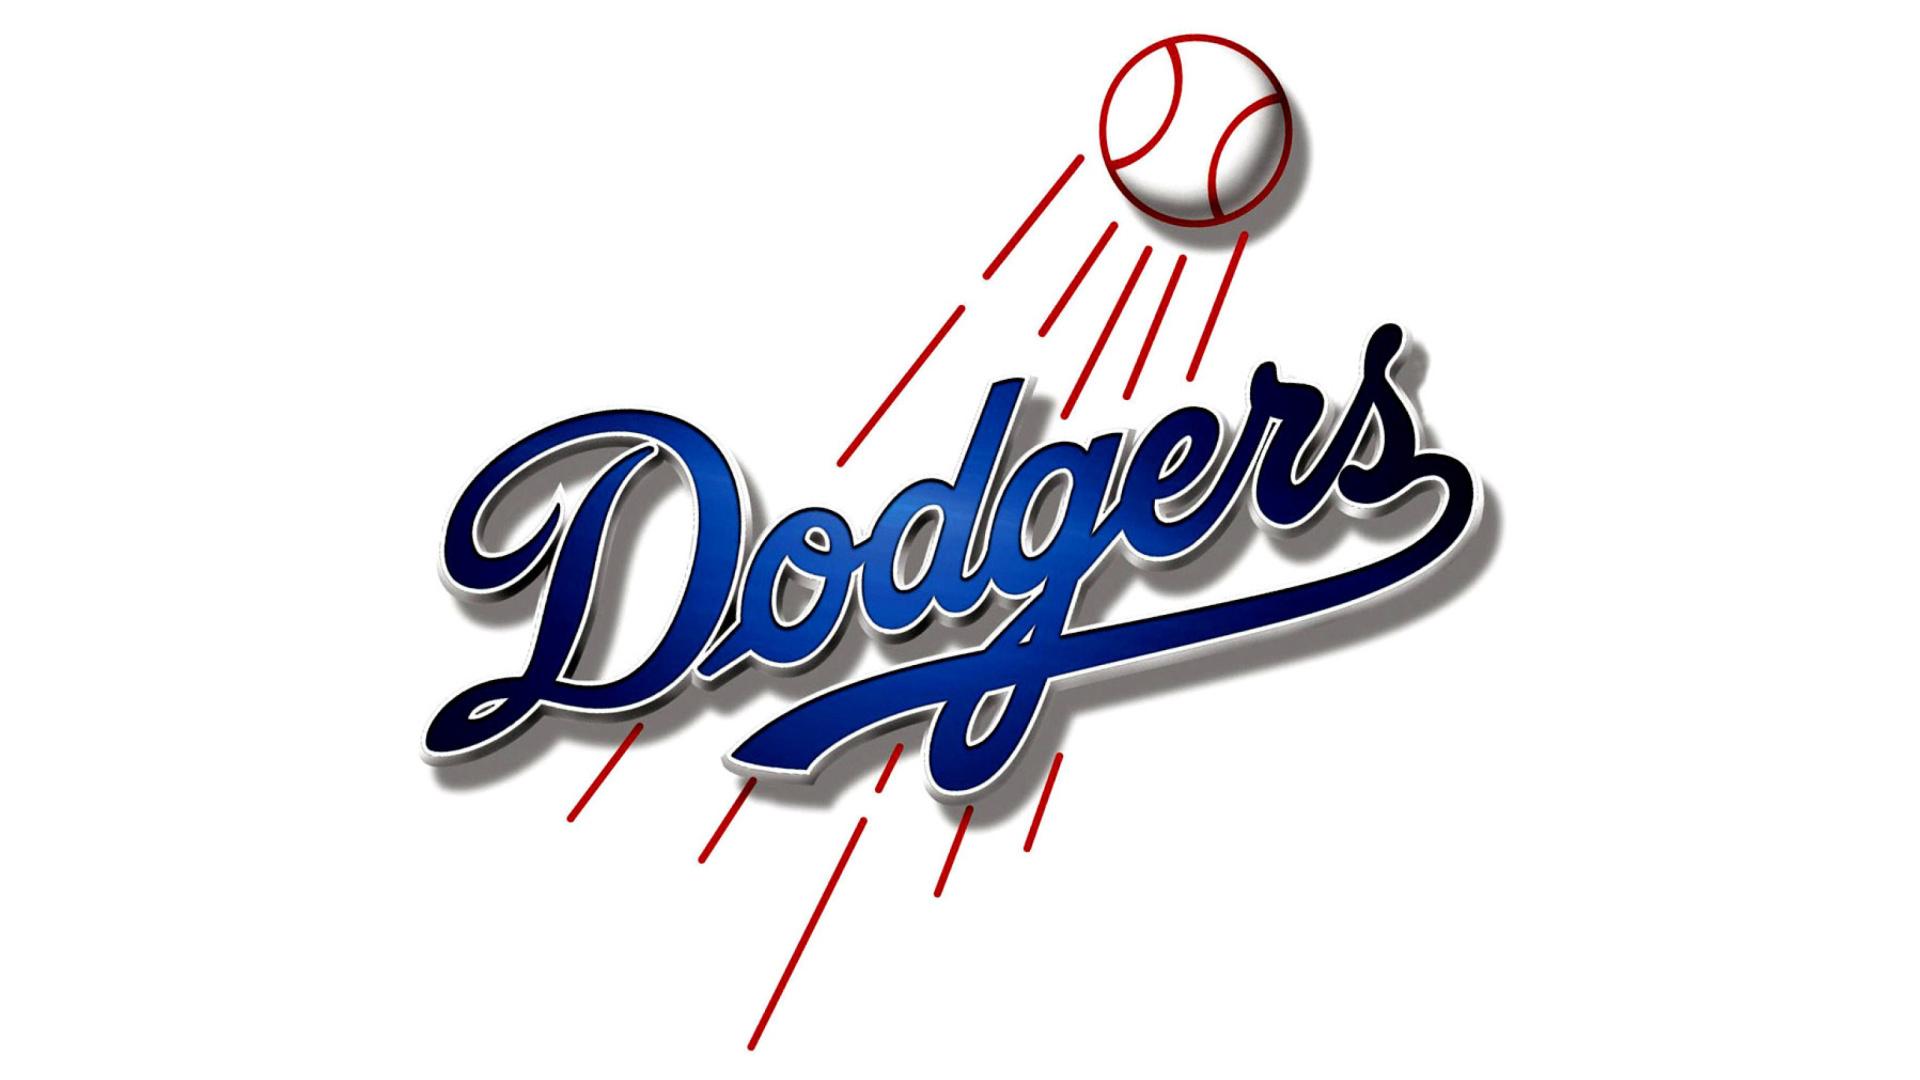 Dodgers HD Wallpaper